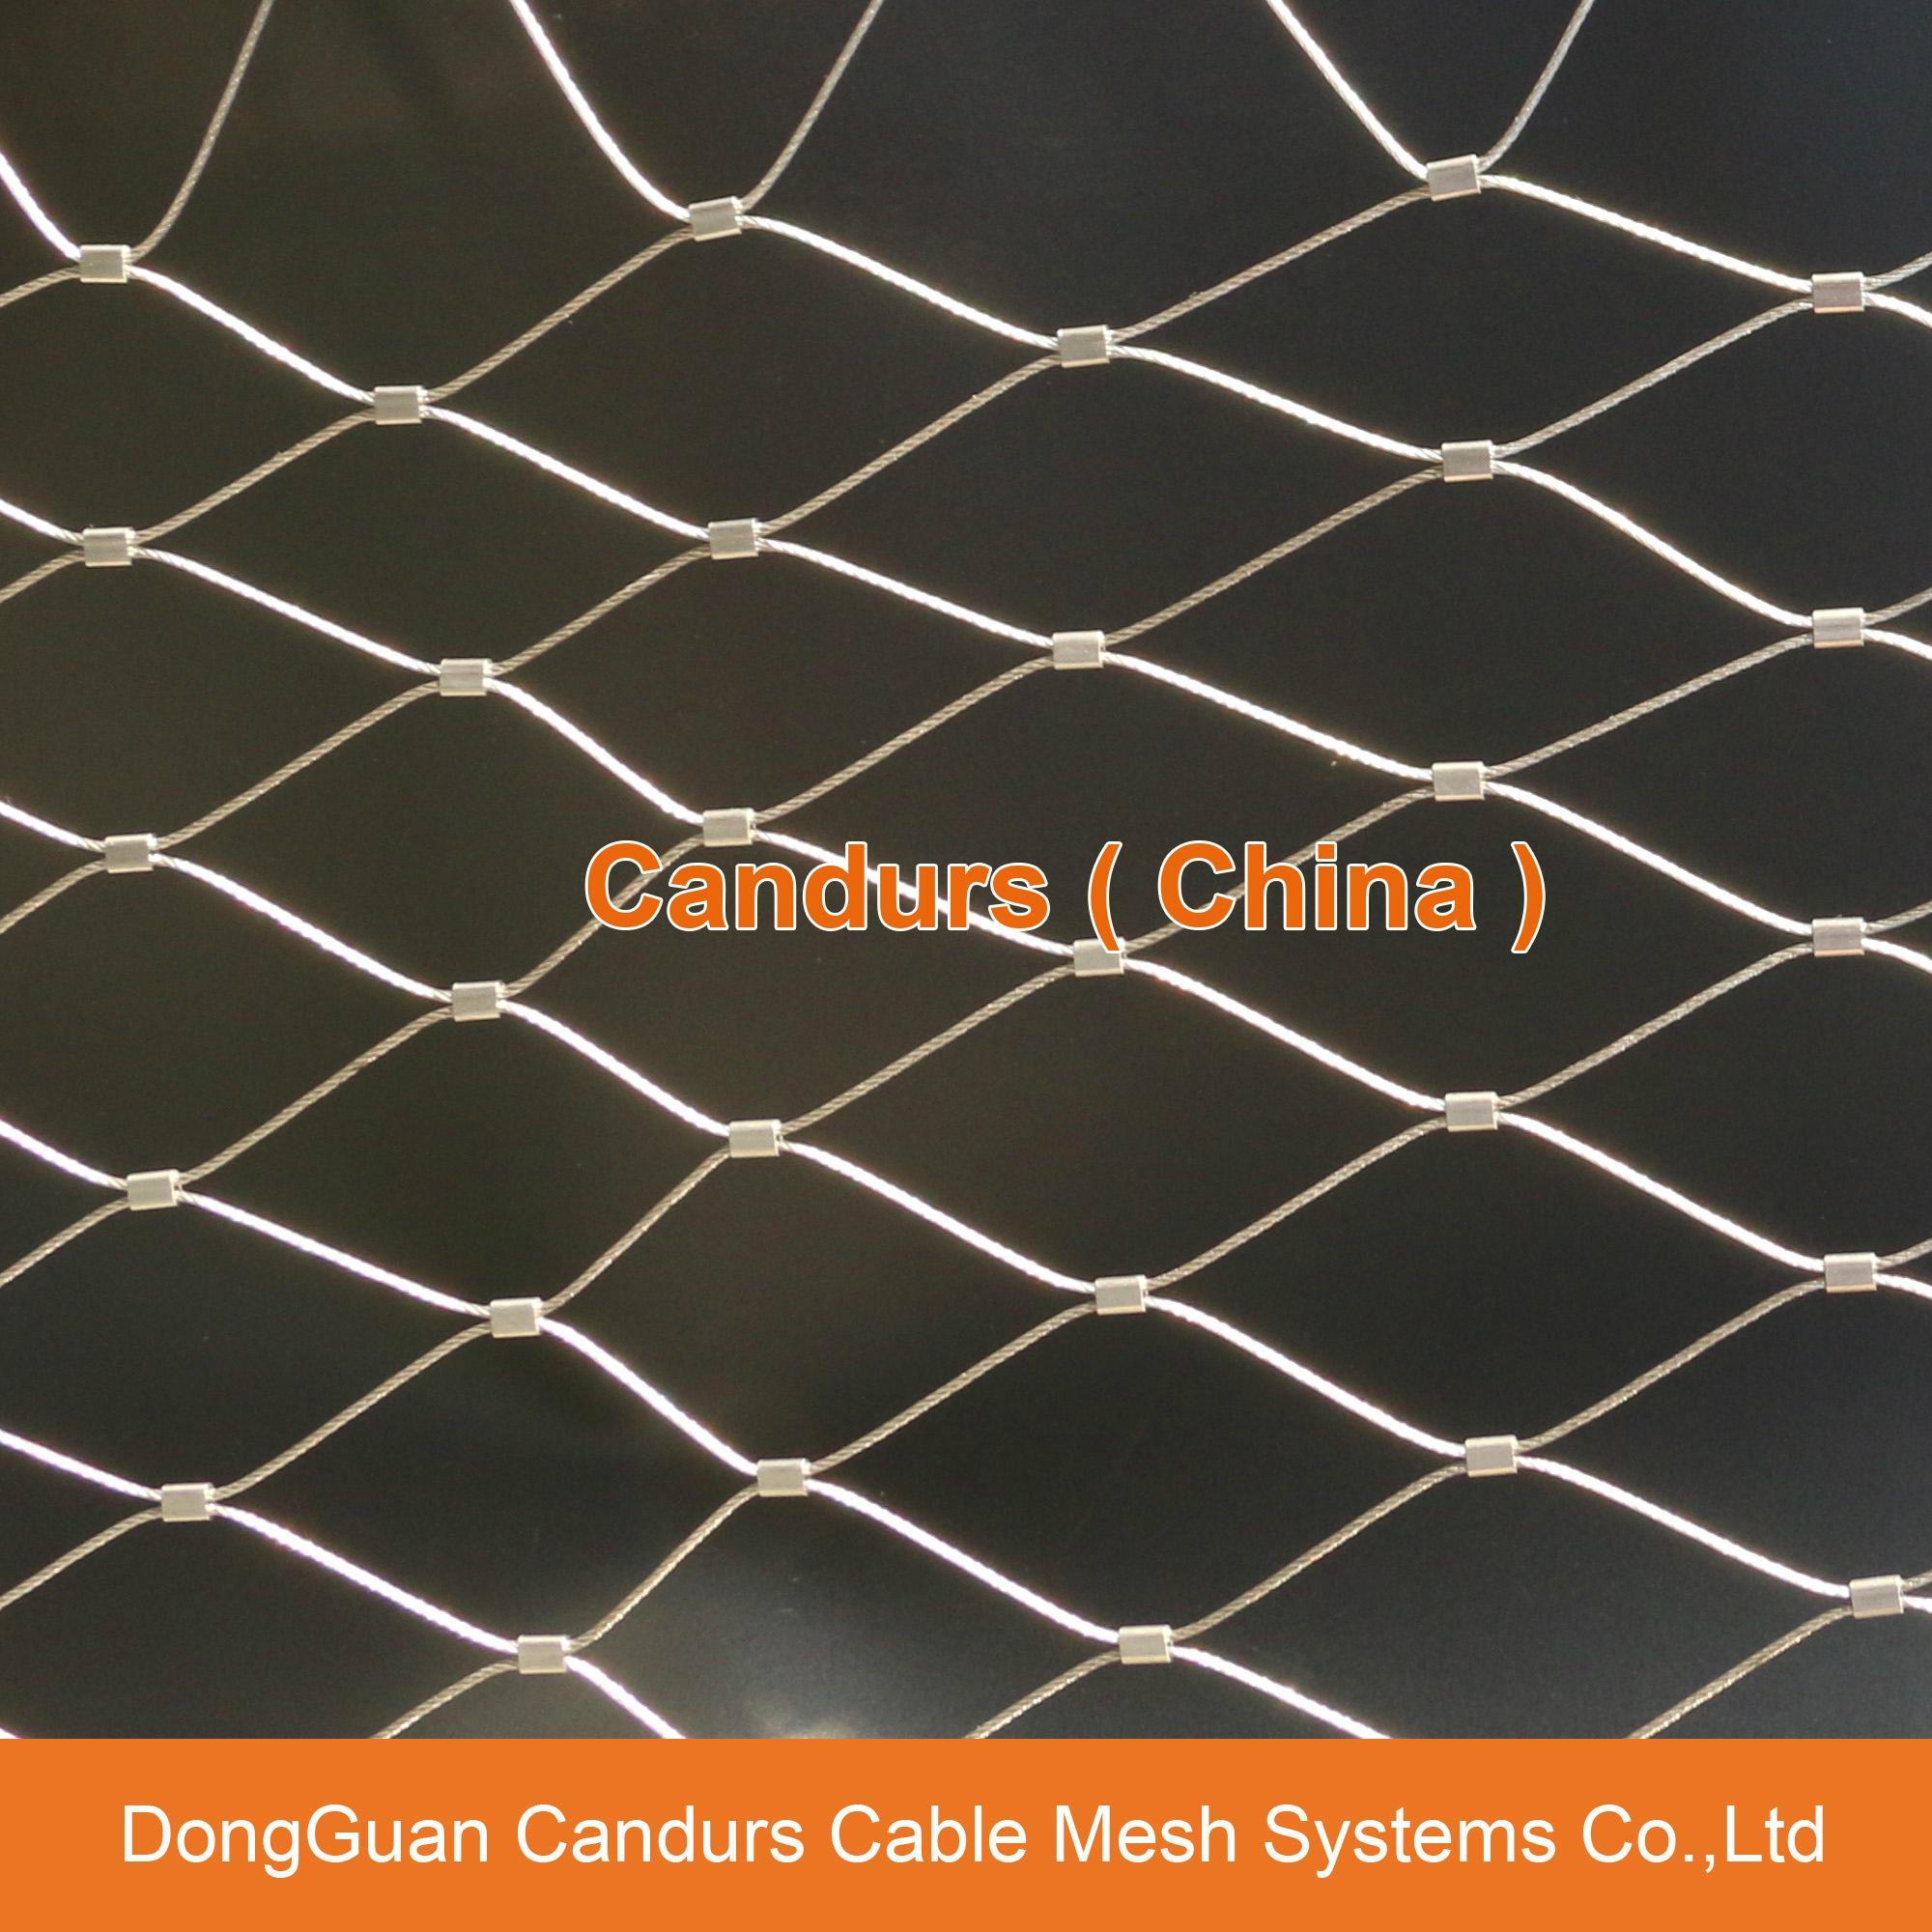 不鏽鋼實用裝飾防護網 17